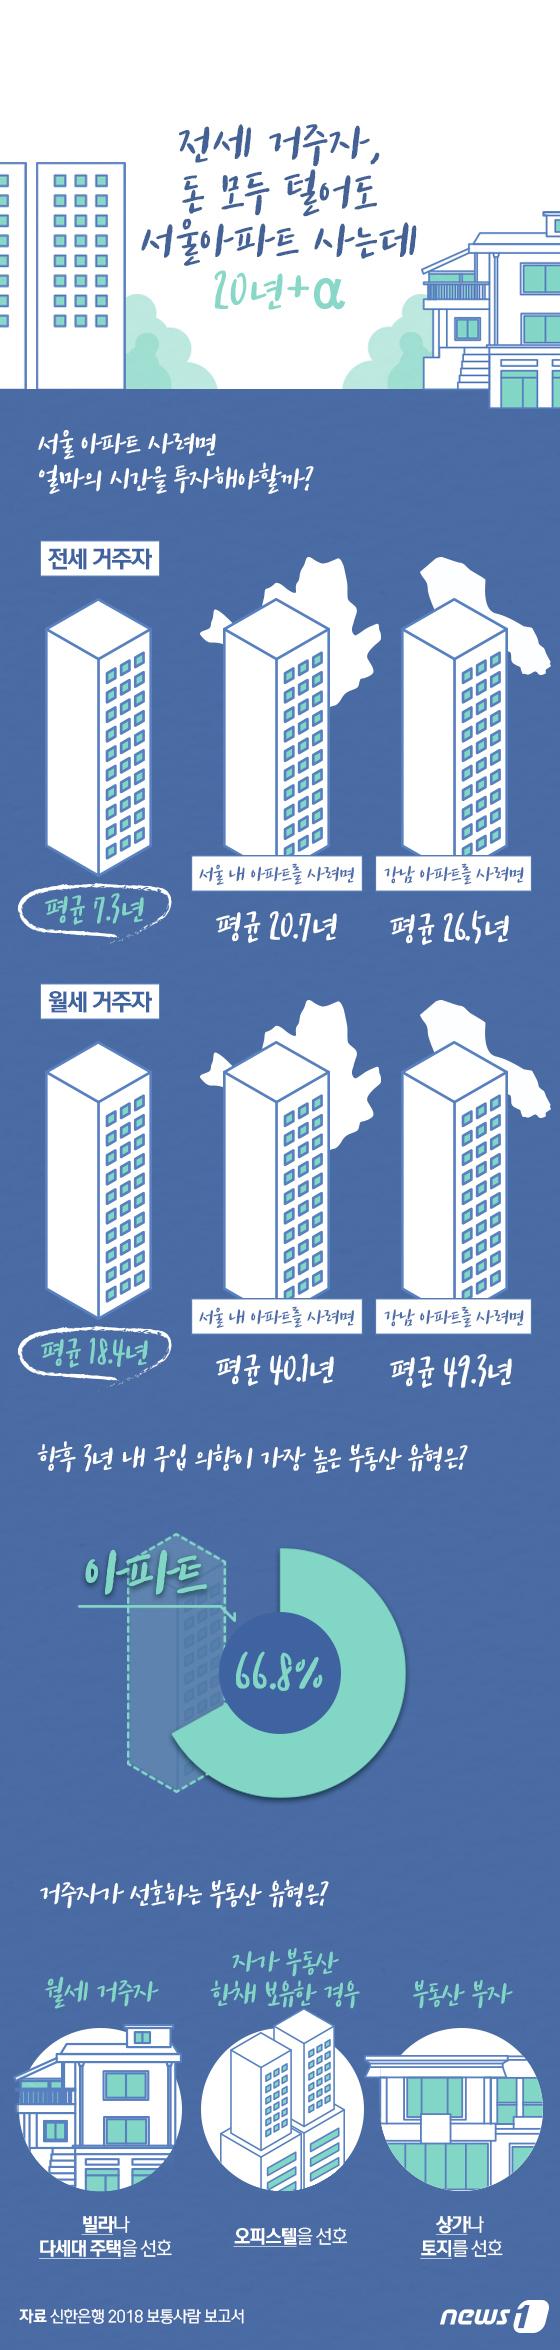 [그래픽뉴스] 전세 거주자, 돈 모두 털어도 서울아파트 사는데 20년+α